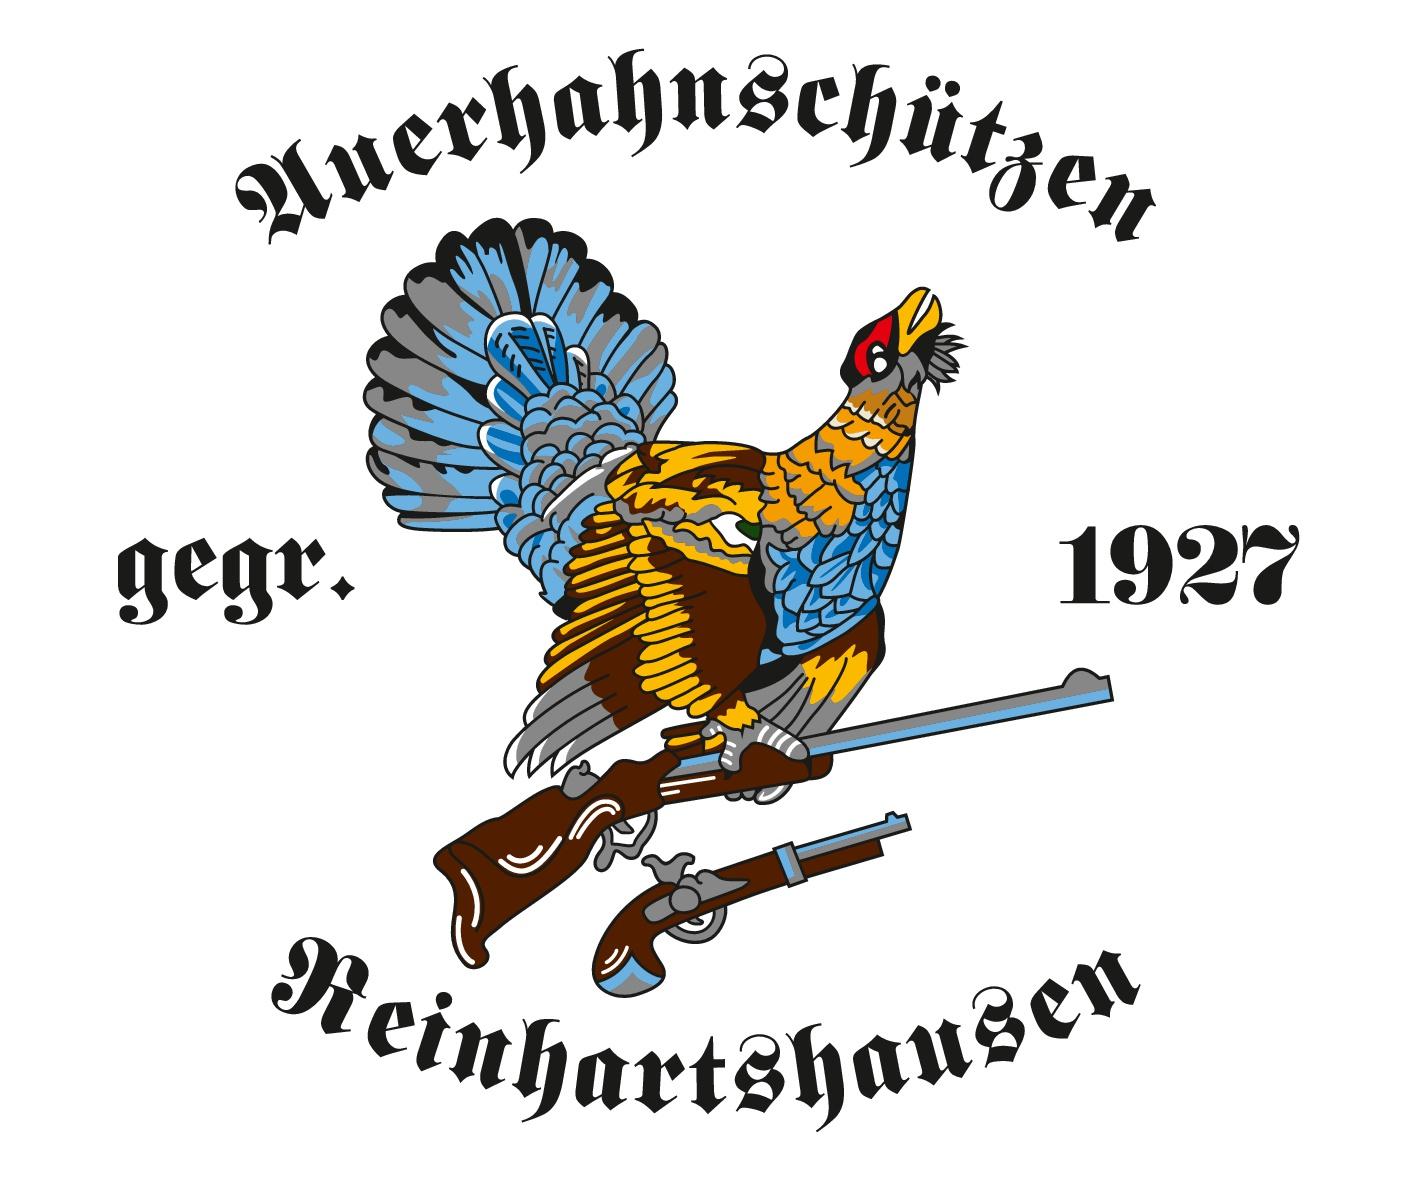 LG1: Reinhartshausen